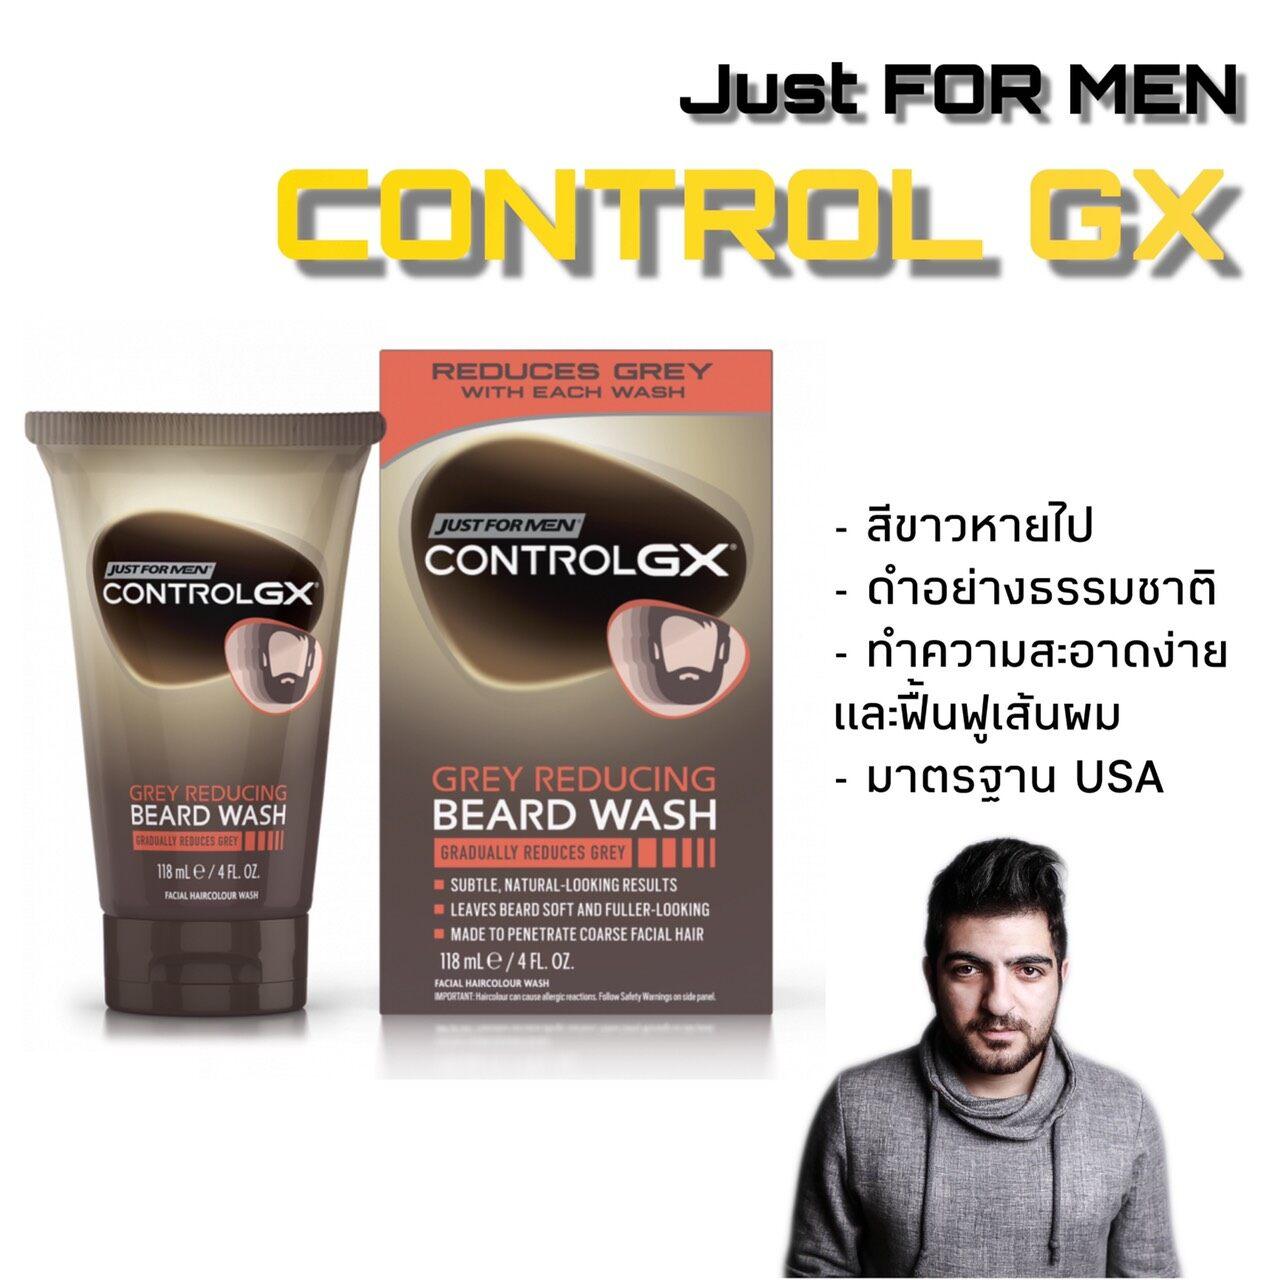 แชมพูย้อมเคราดำ แชมพูย้อมหนวดดำ Just For Men Control Gx Gray Reduicing Beard Shampoo For Mustache & Beard Wash 118ml หนวดดำ เคราดำ เคราหงอก หนวดขาว.